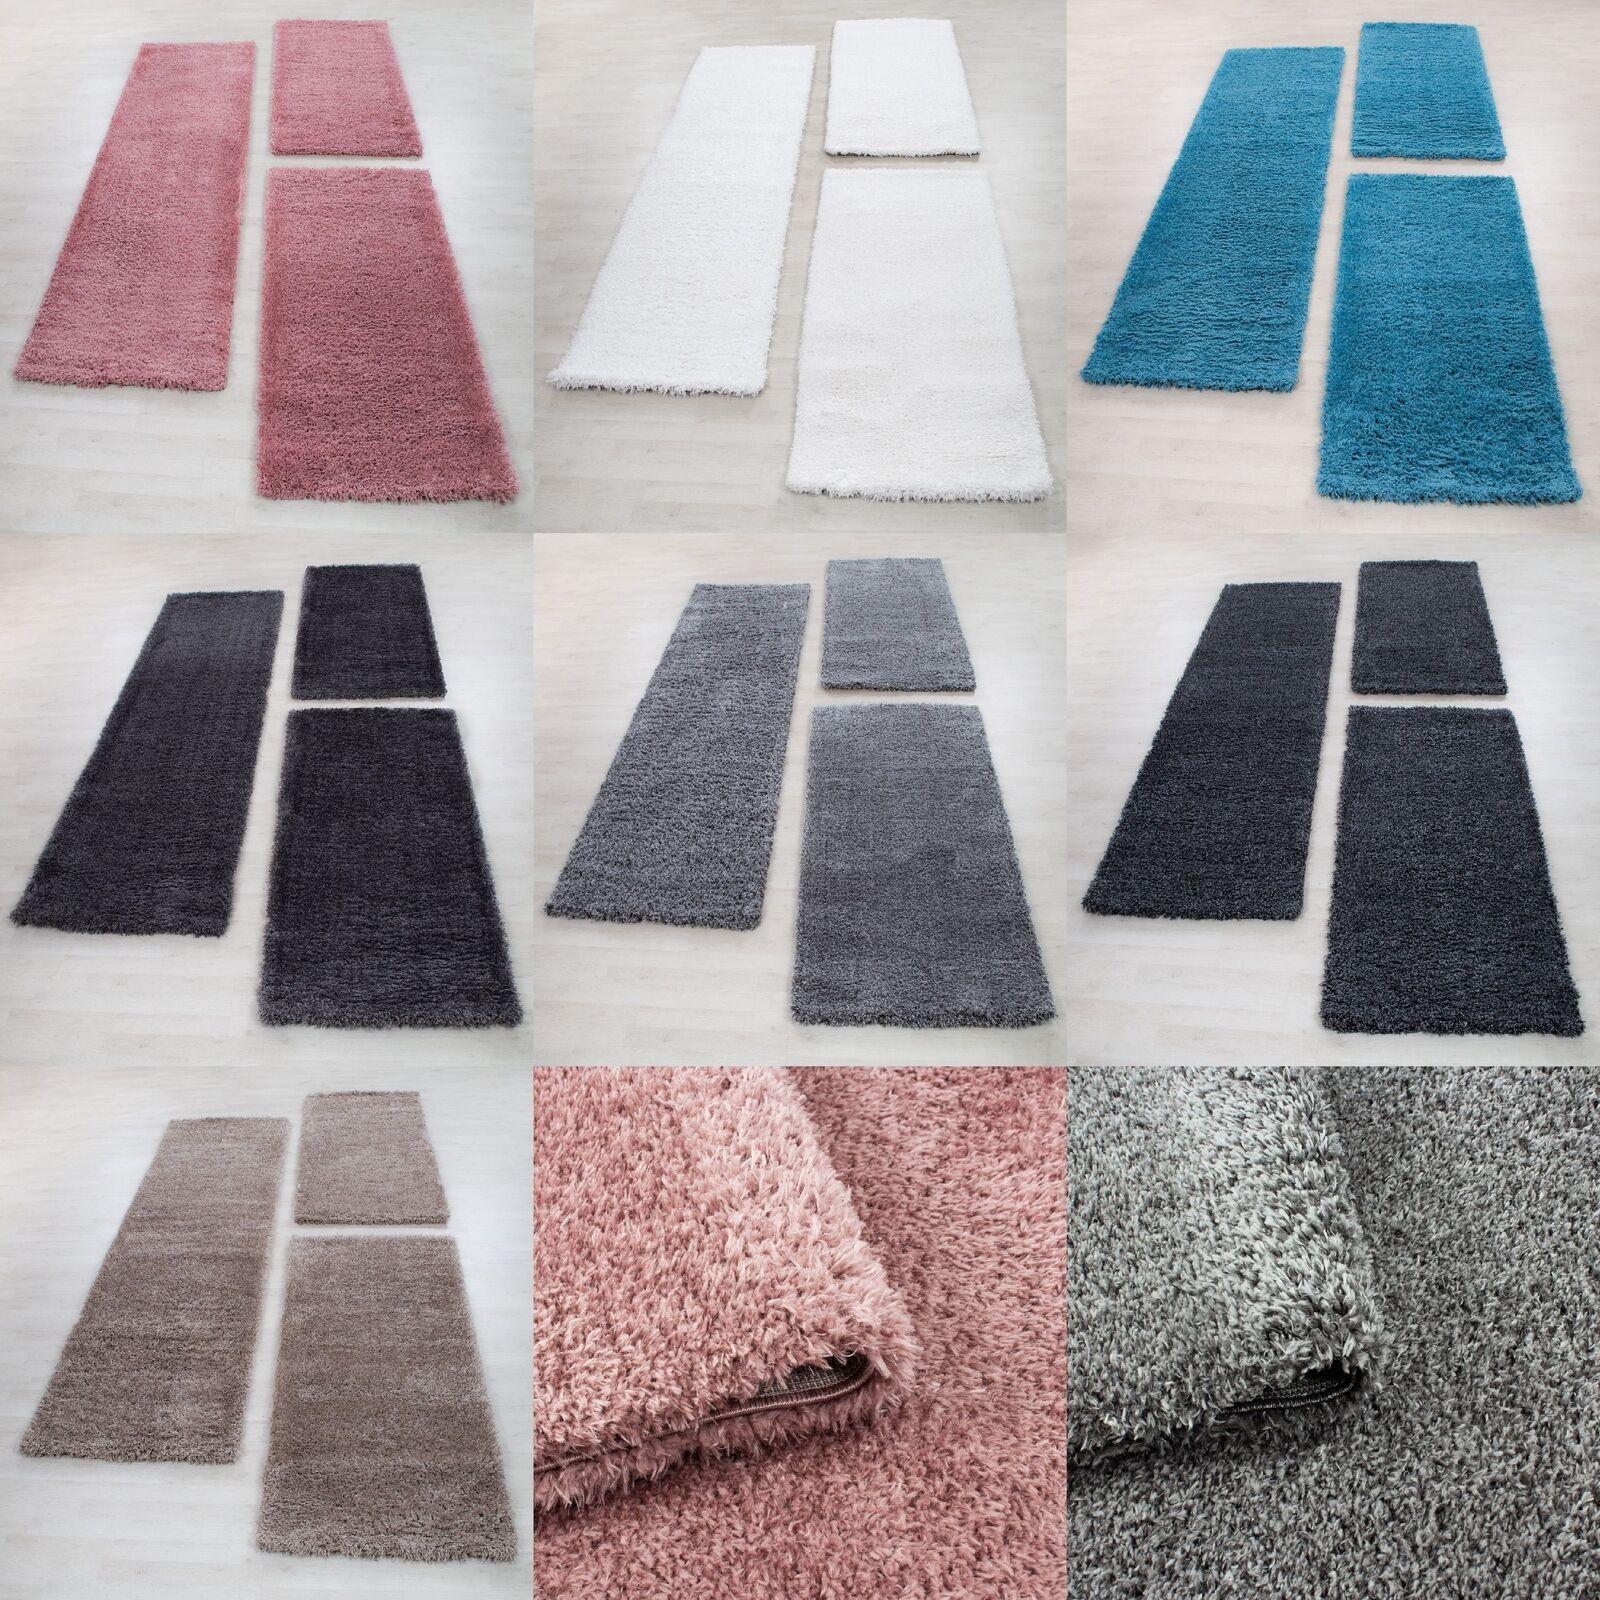 Bettumrandung Schaffel Teppich Läuferset 3 teilig Hochflor Einfarbig Langflor